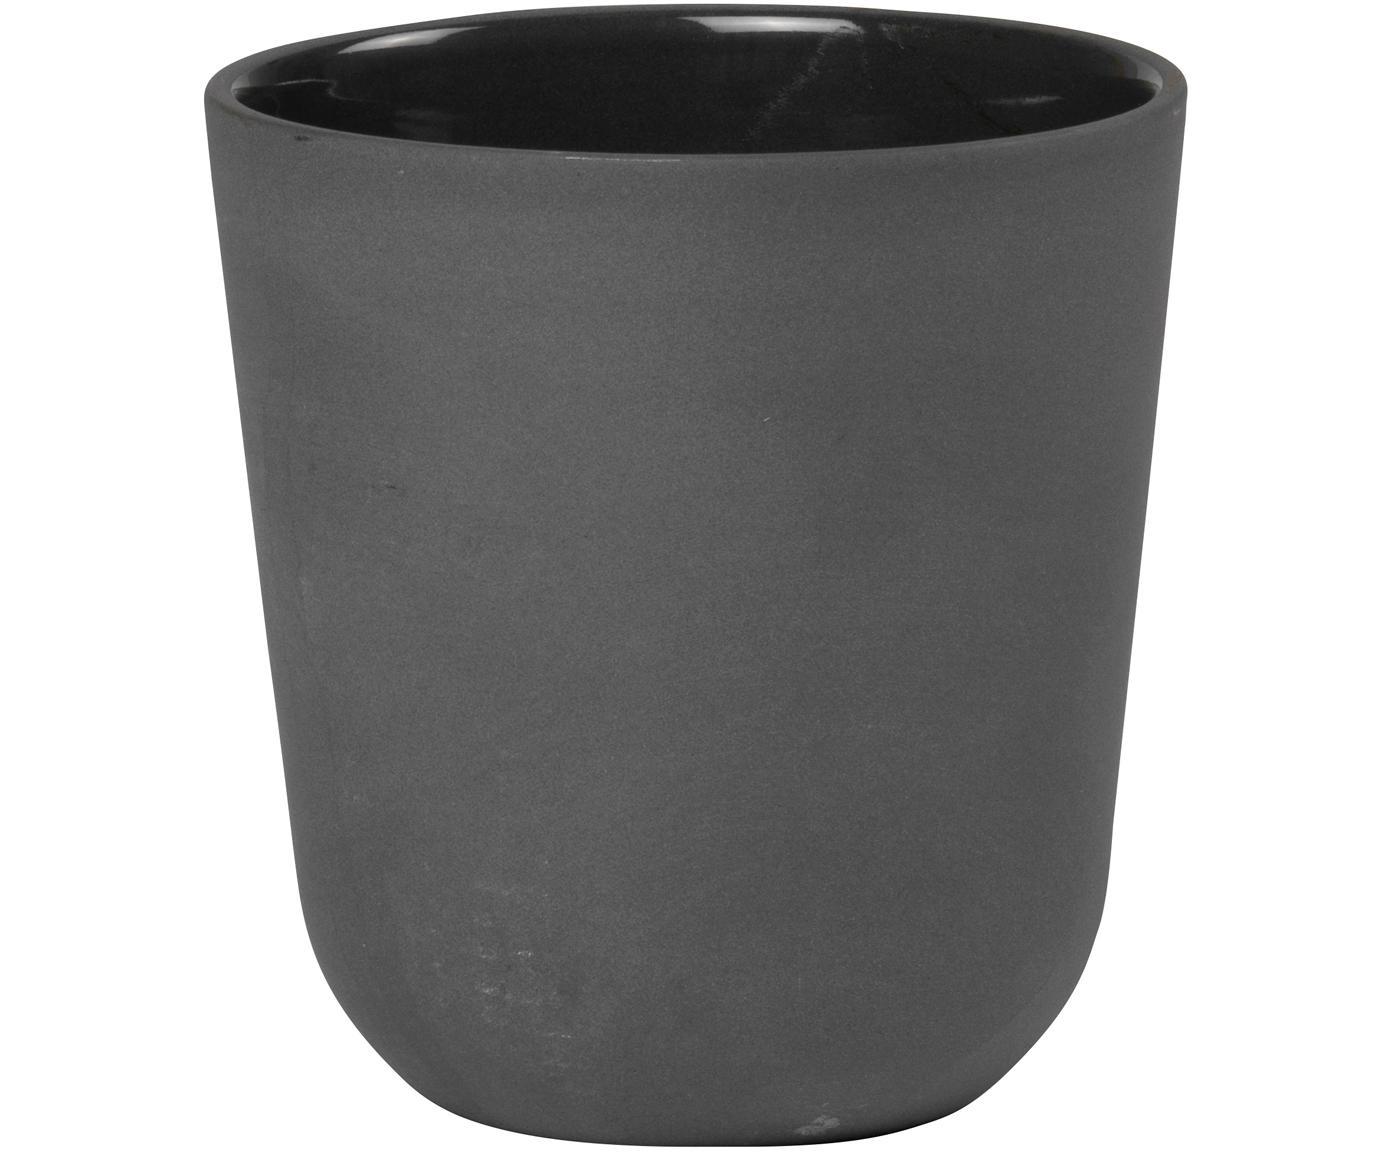 Becher Nudge in Dunkelgrau matt/glänzend, 4 Stück, Porzellan, Dunkelgrau, Ø 9 x H 10 cm